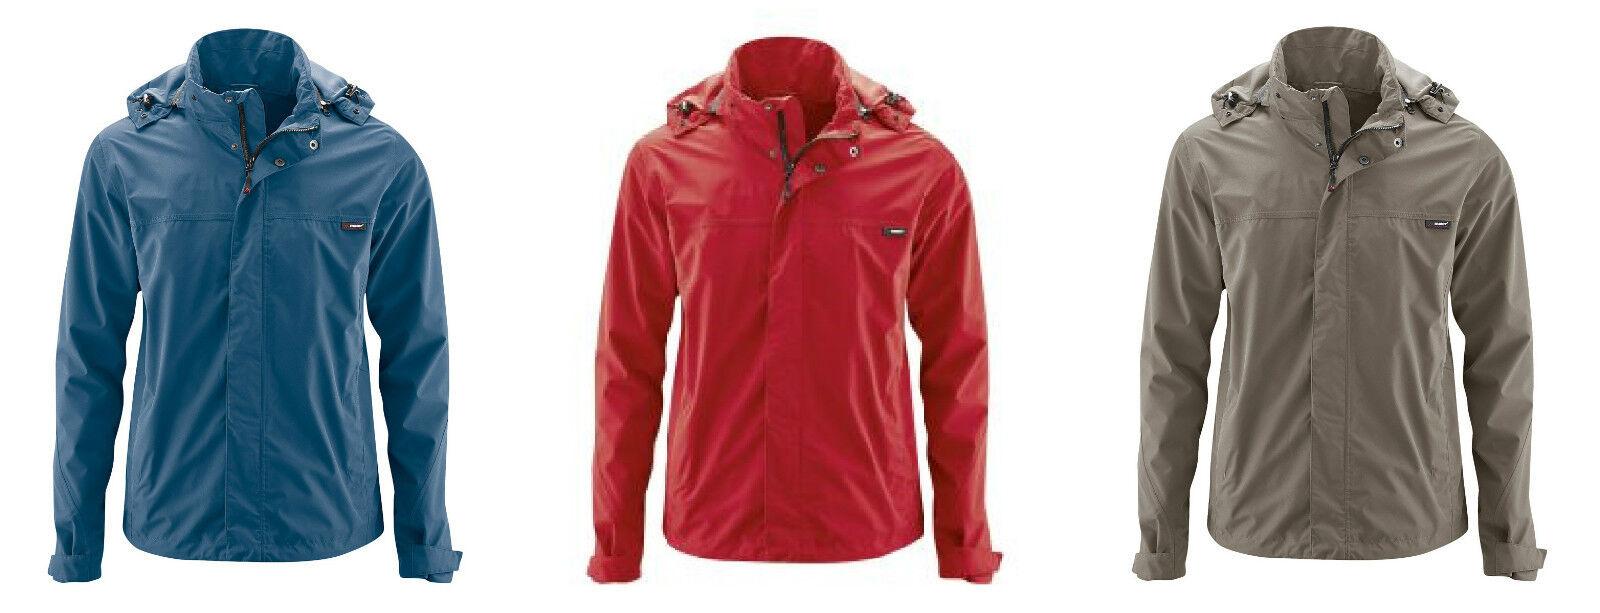 Maier sports  Bret messieurs fonctionnel-veste sur, à court Taille jusqu'à 62 EIE à partir de